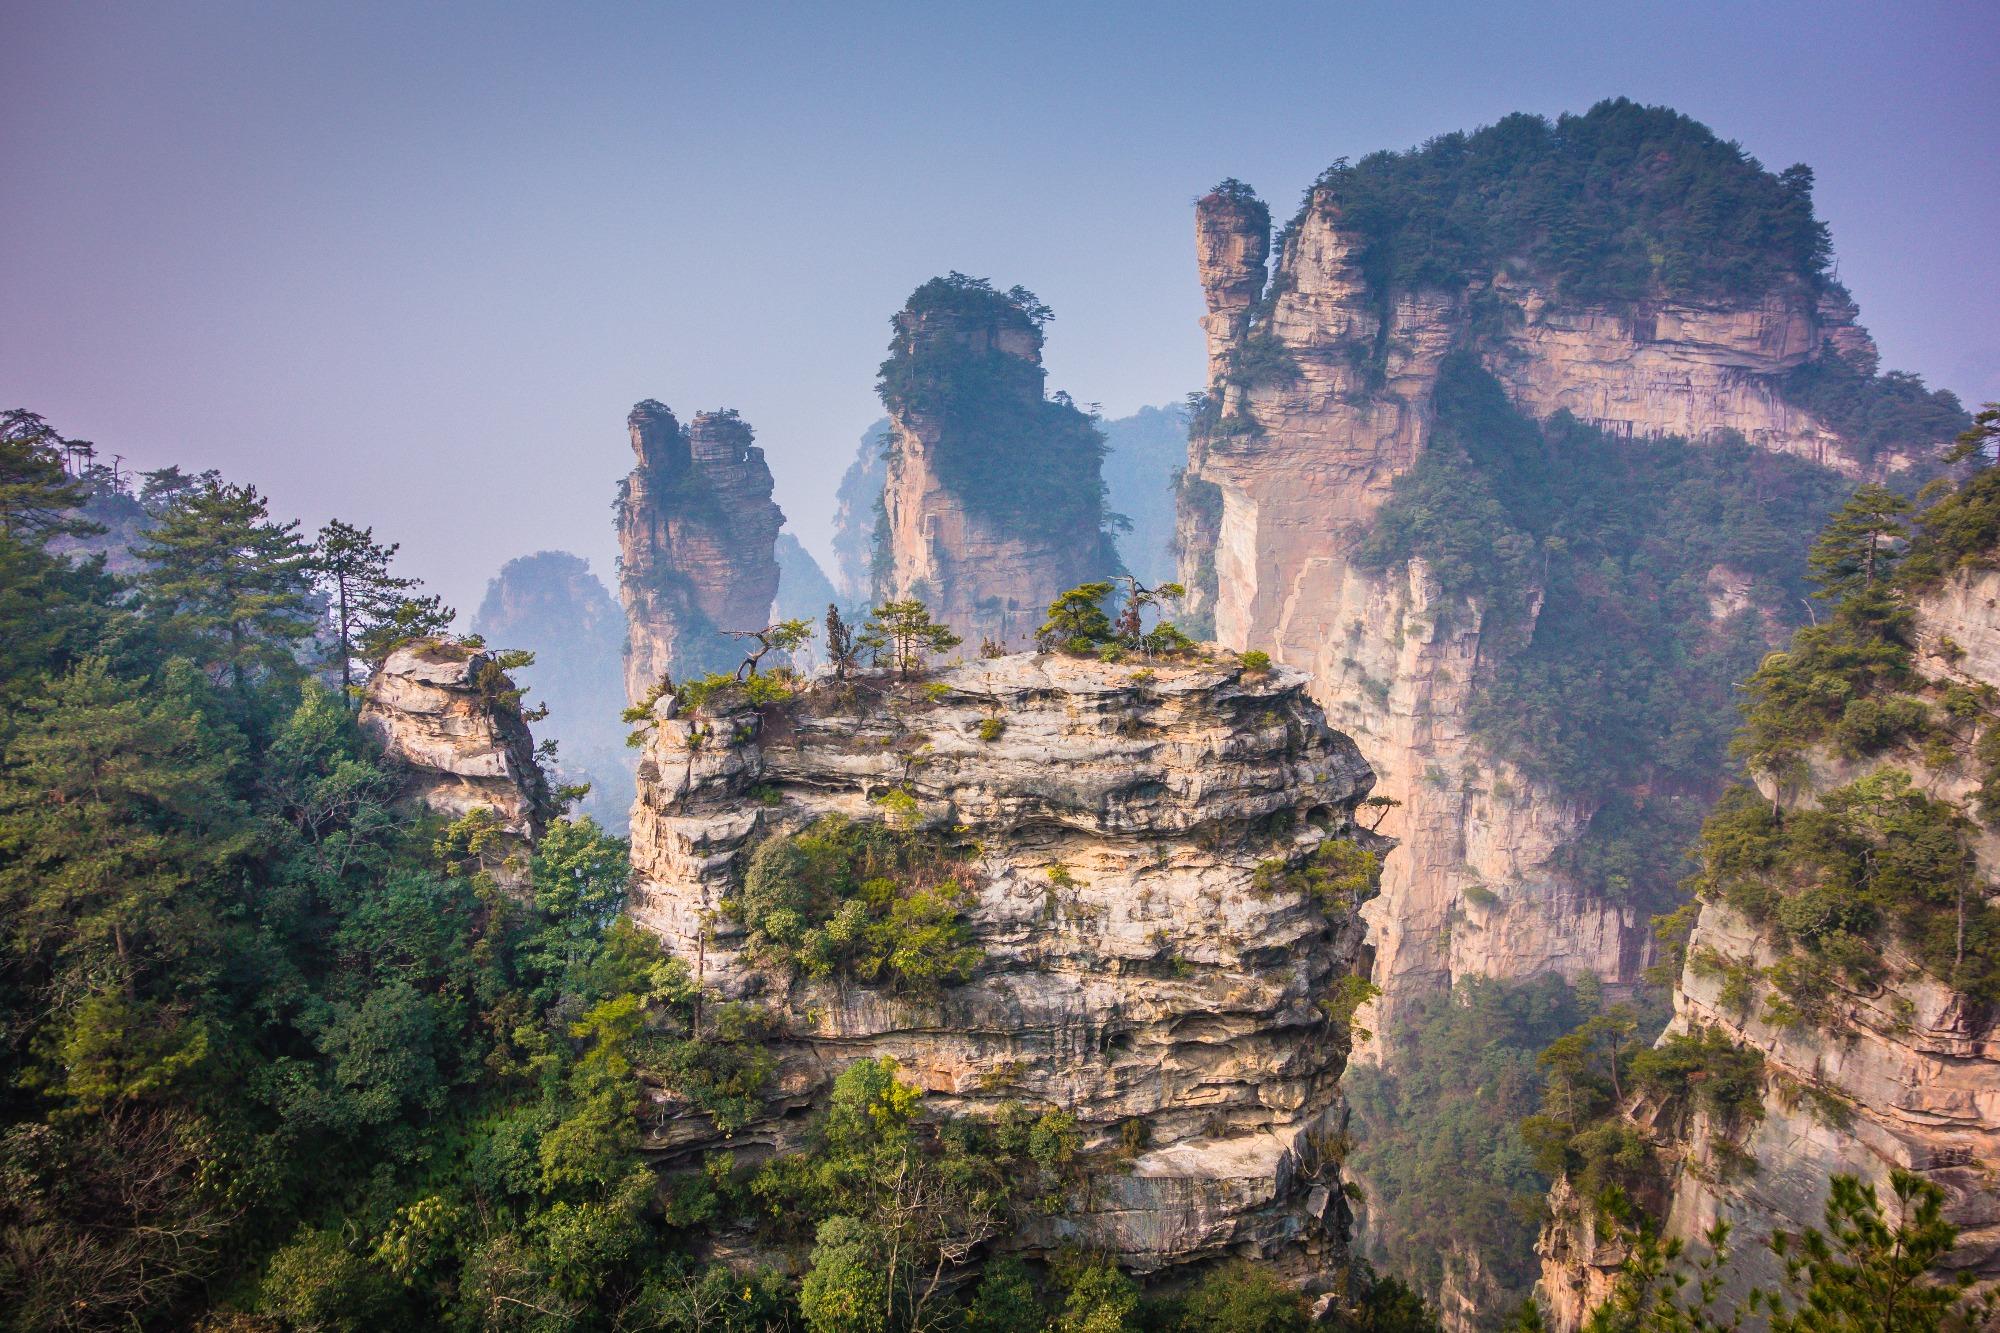 2 Tianzi Mountains in China